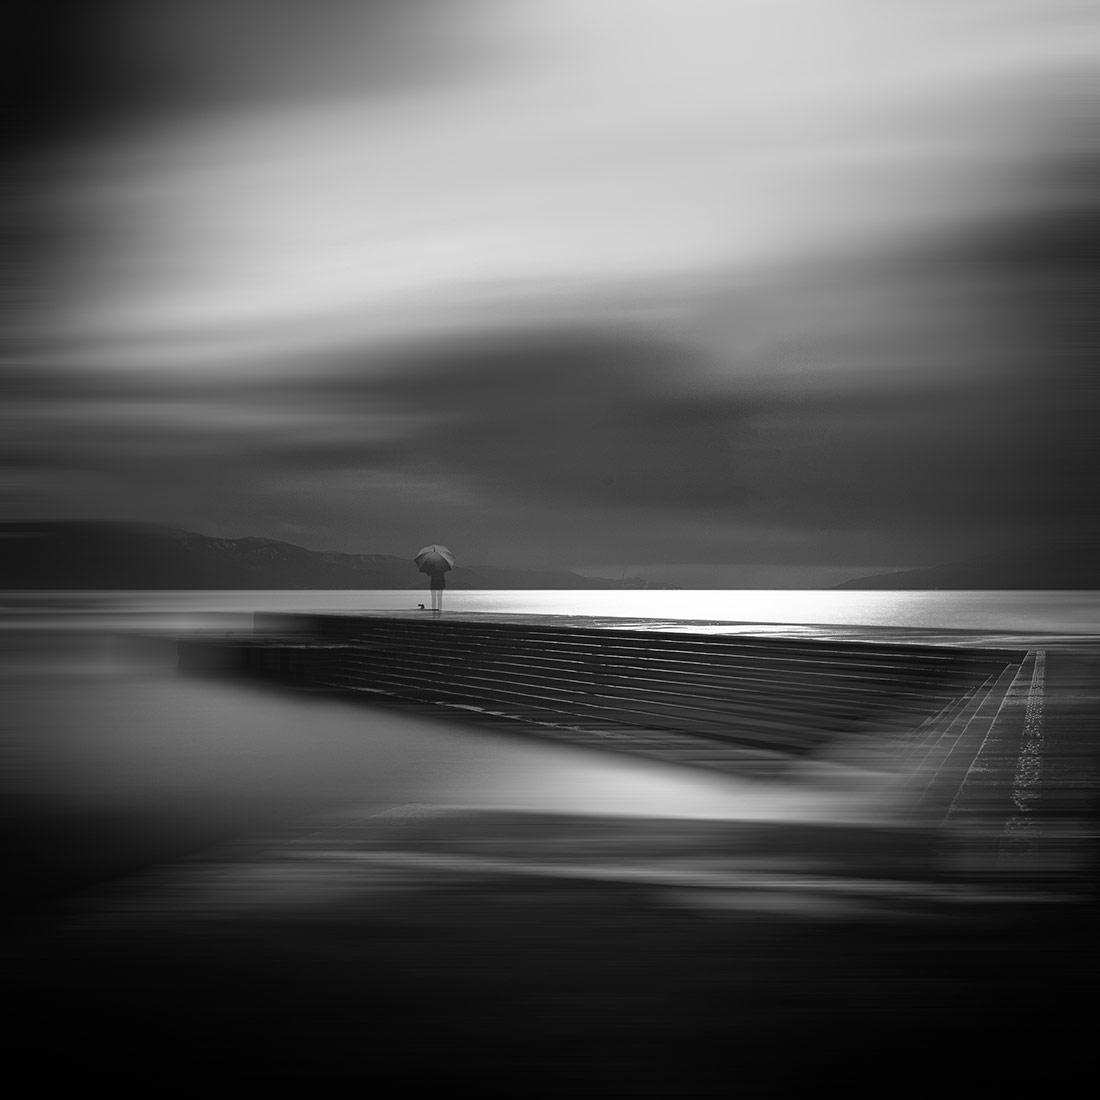 Память, © Сонг Джо Ву, 1-е место в категории «Художественная фотография», одиночное фото, Конкурс чёрно-белой фотографии MonoVisions